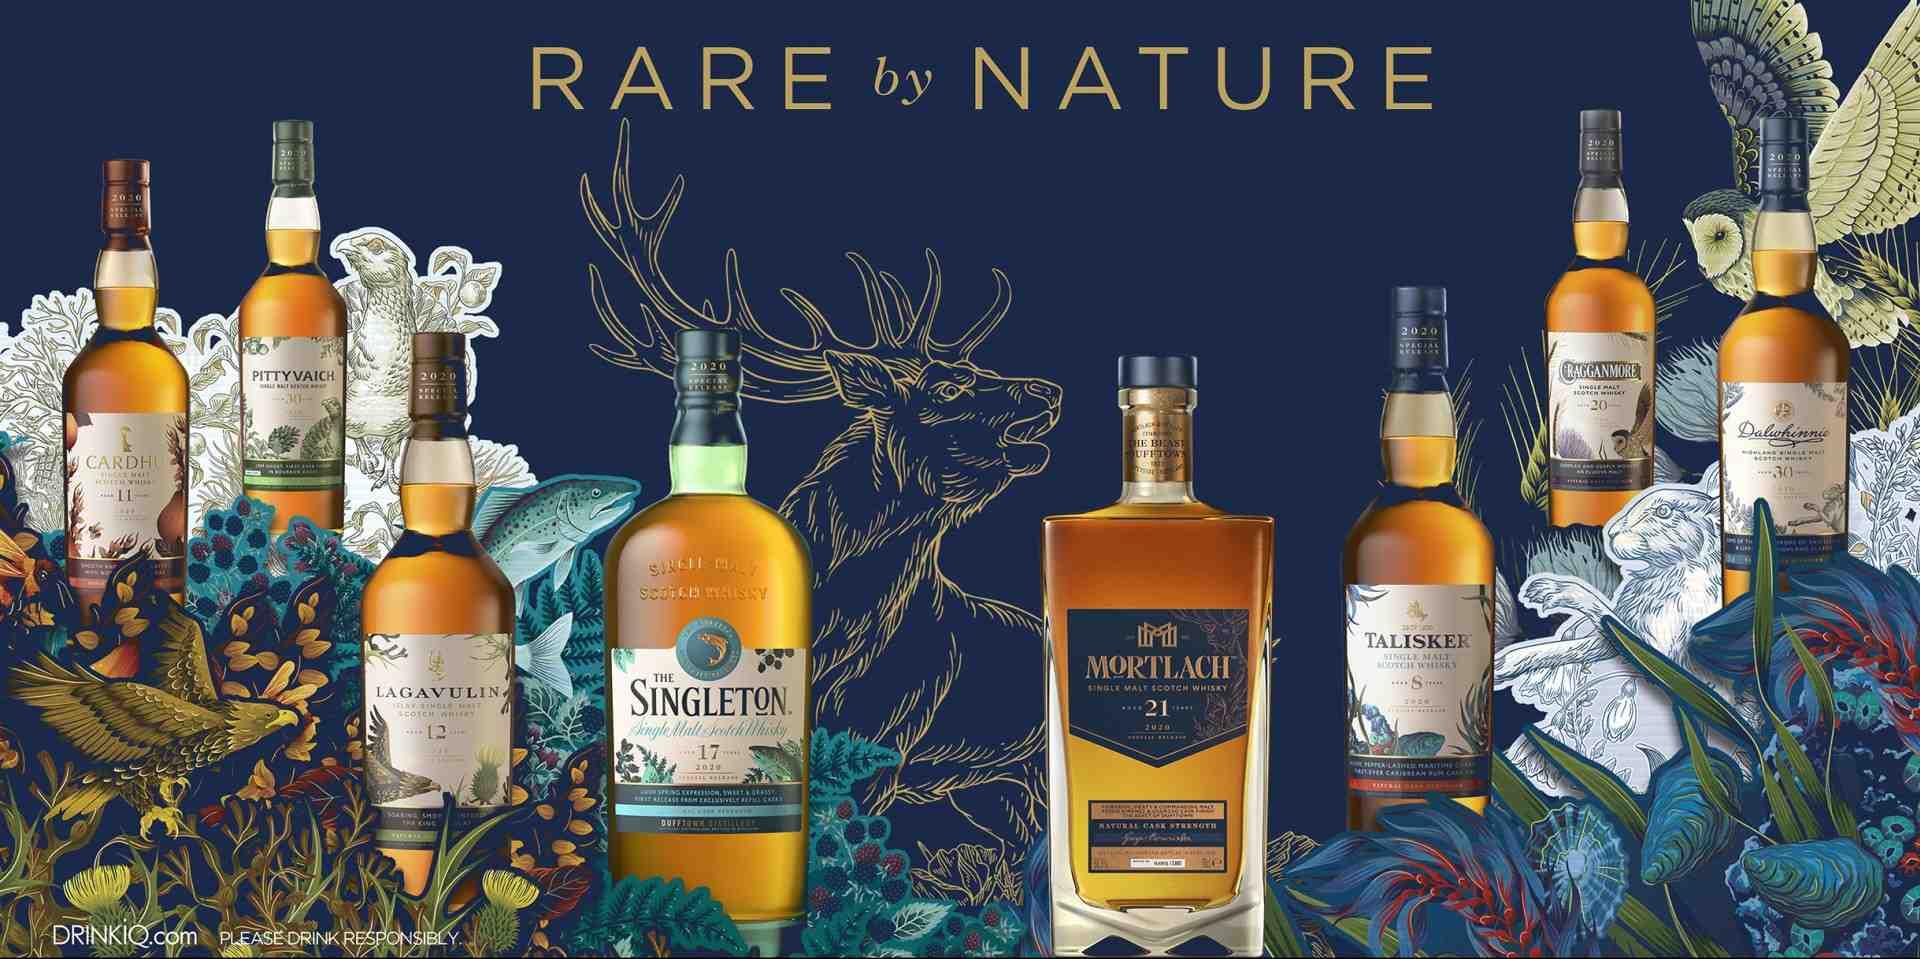 萬眾矚目「Rare by Nature天生珍稀」磅礡再現:帝亞吉歐 2020 年度限量原酒臻選系列